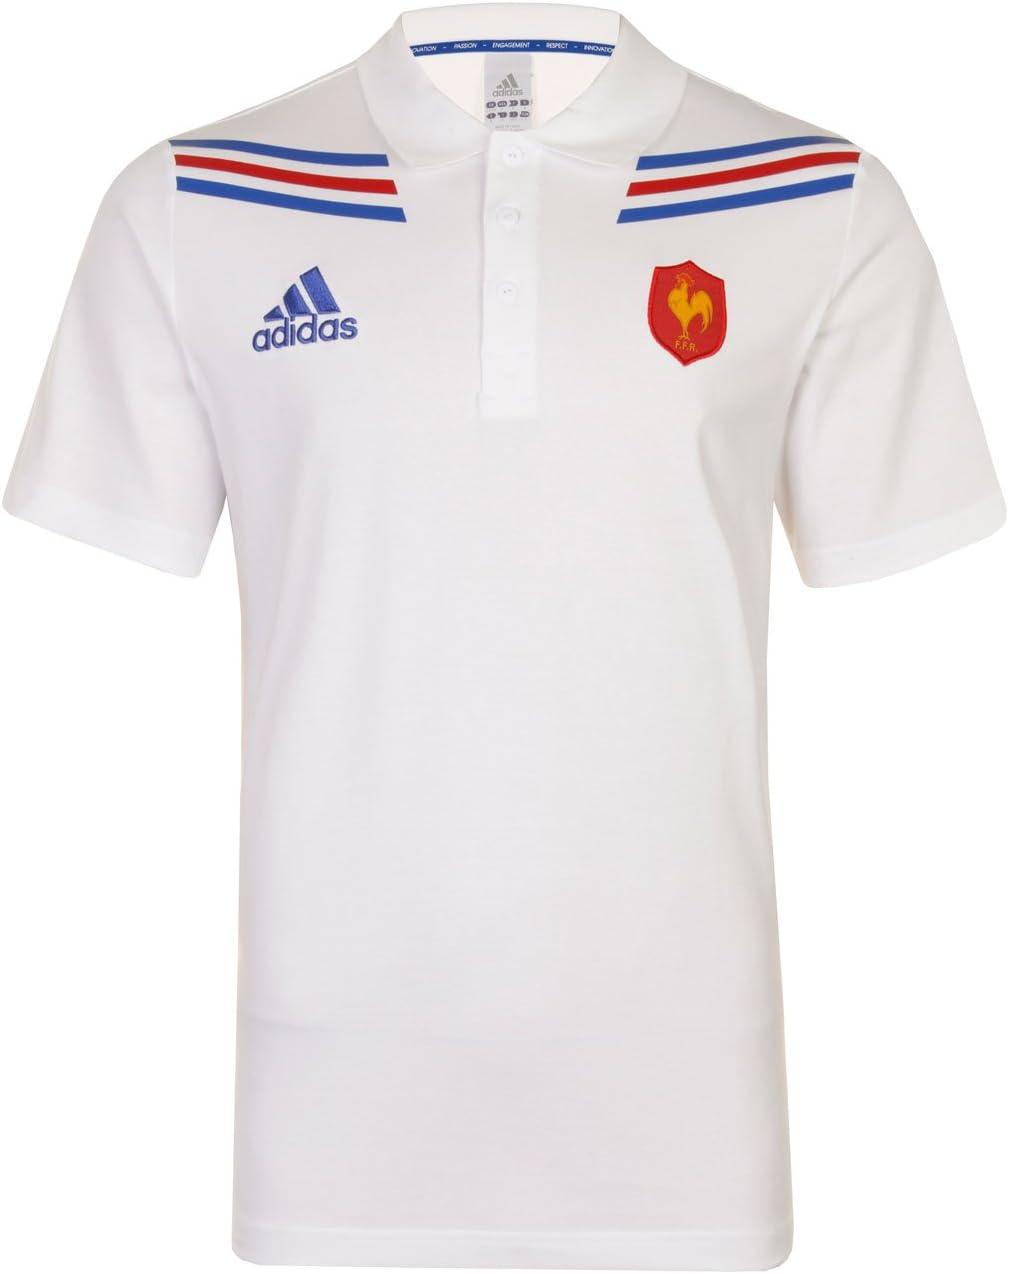 adidas FFR Francia Rugby Polo Camiseta de Manga Corta Jersey ...